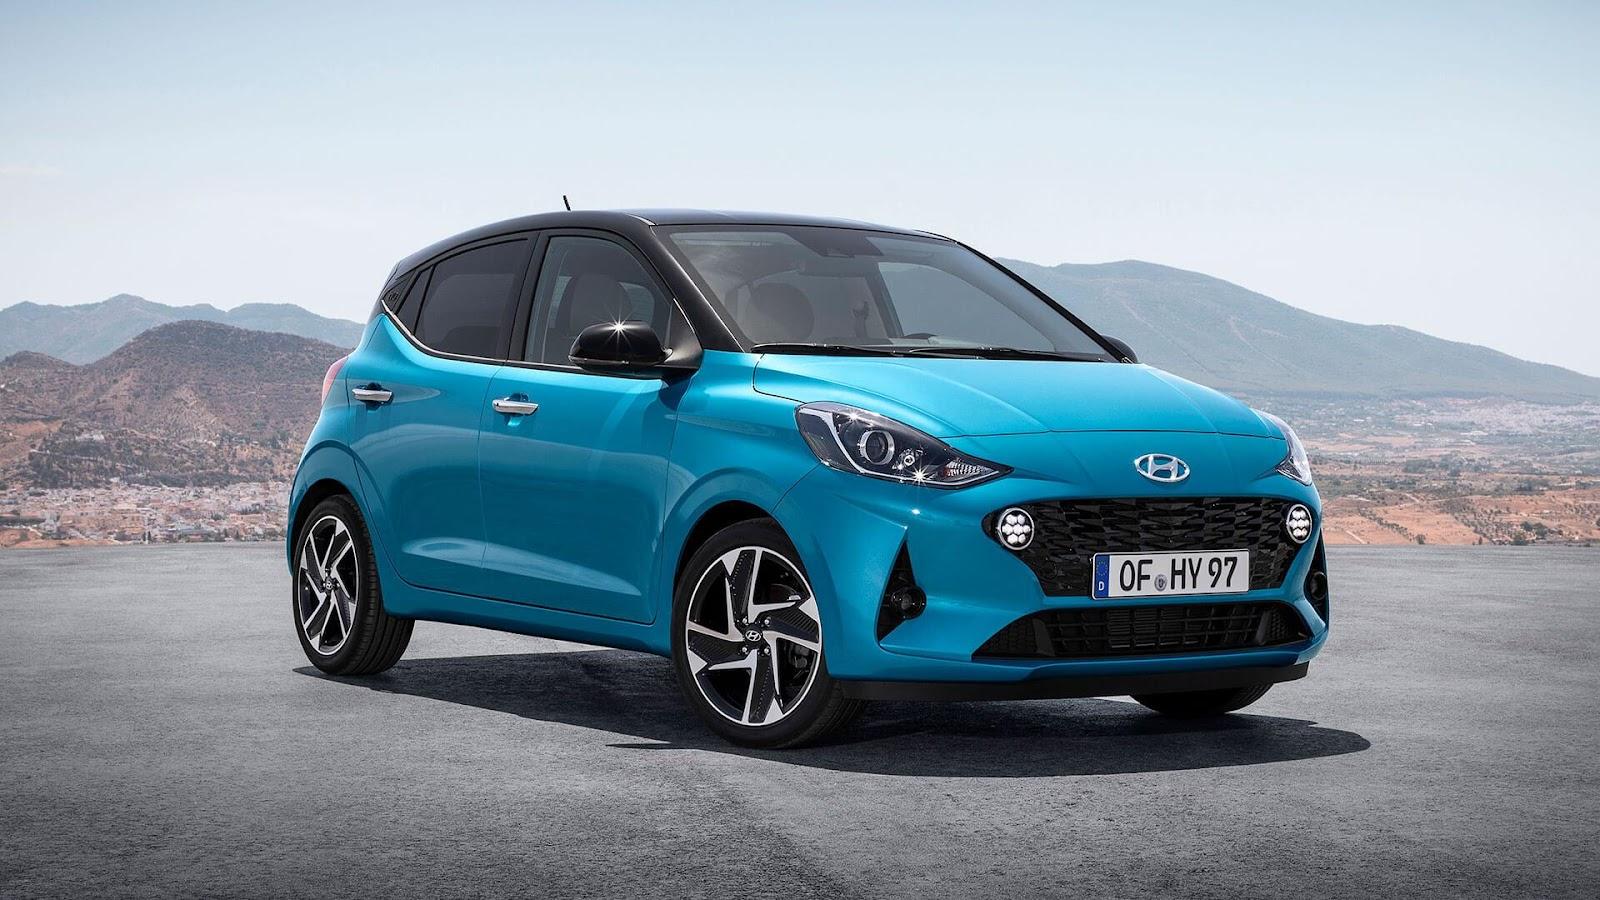 10 mașini noi pe care ți le poți cumpăra cu mai puțin de 15.000 de euro - Hyundai i10